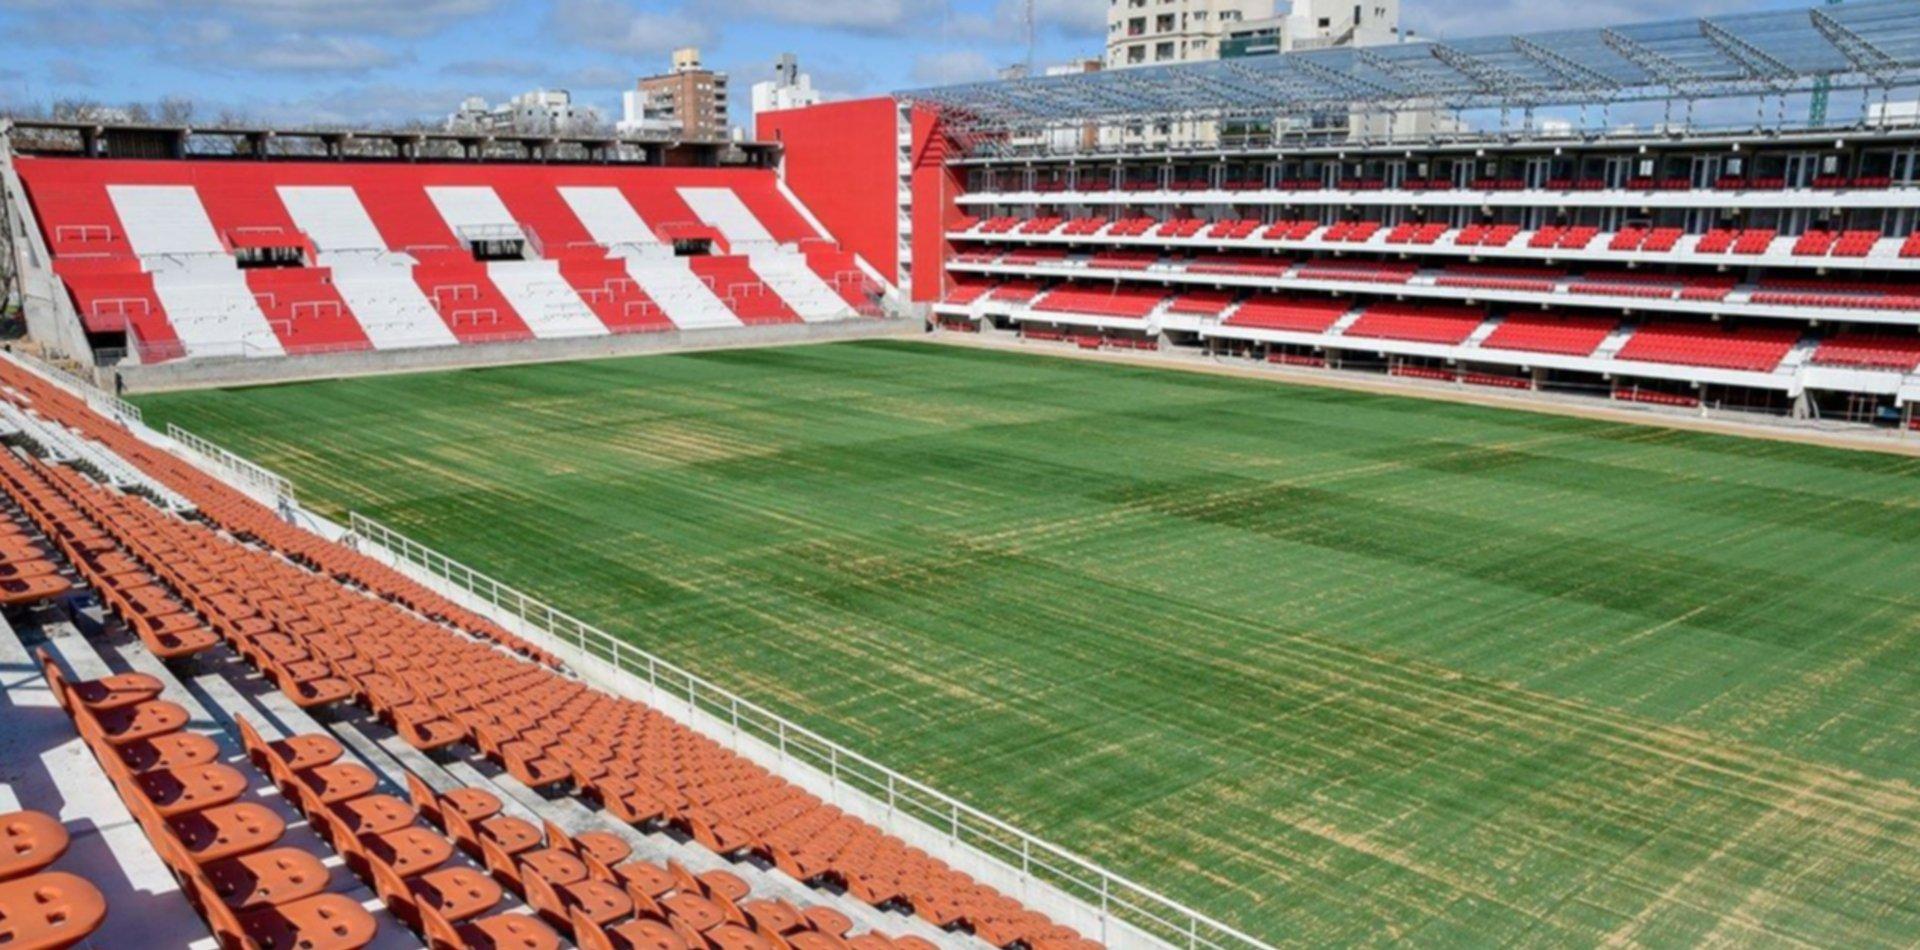 Vigilia, videos, shows y gastronomía: Verón adelantó cómo será la inauguración del Estadio de Estudiantes